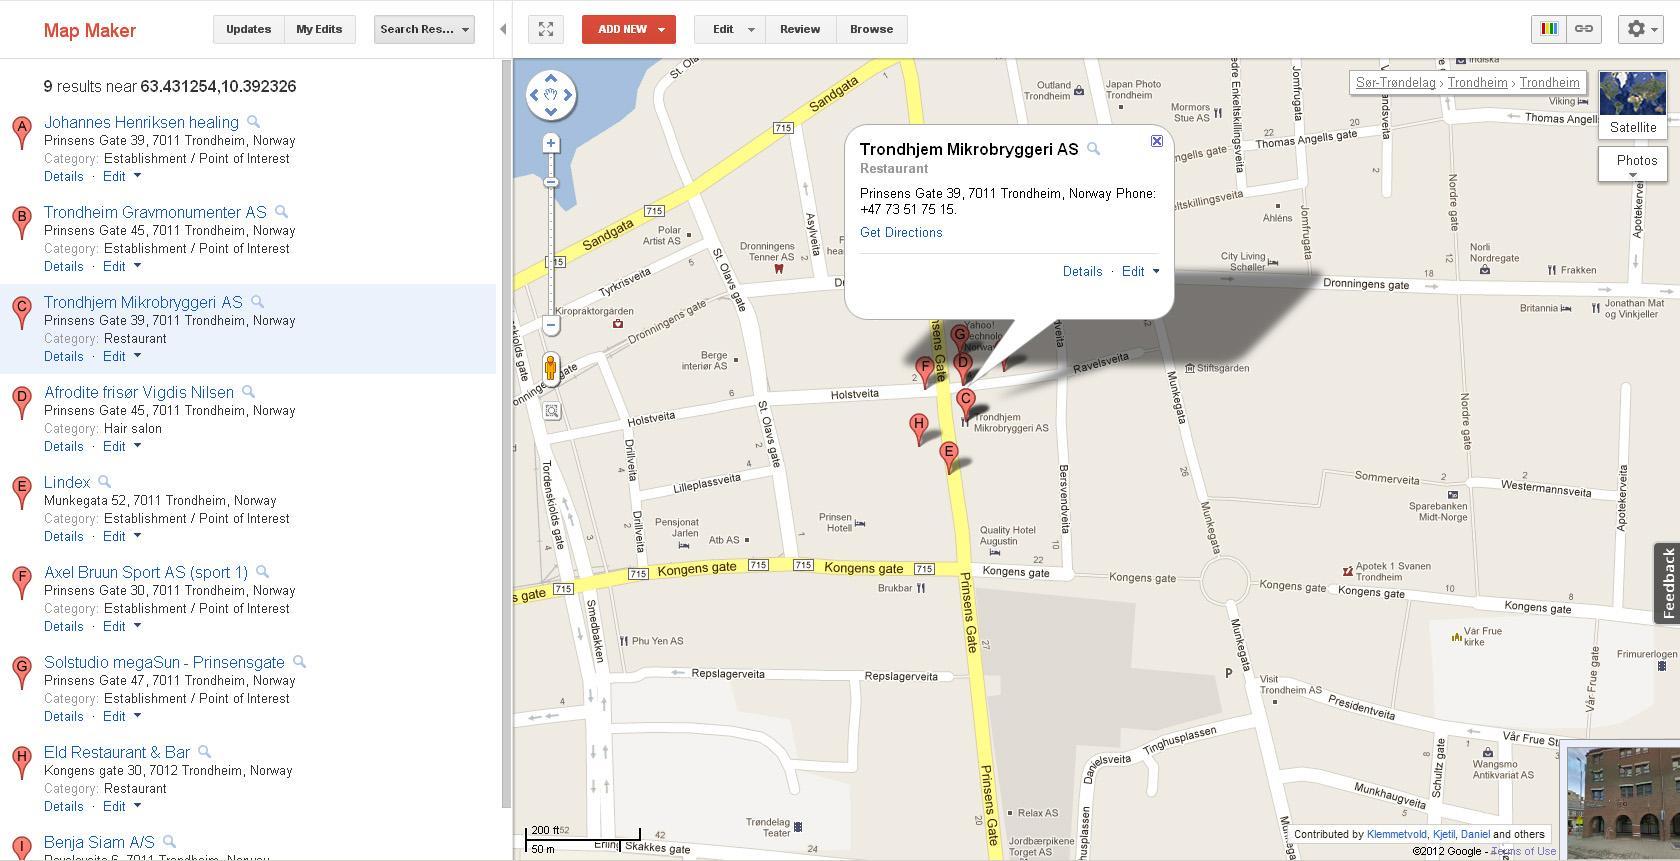 I Map Maker kan du markere et geografisk område for å se hvilke bedrifter som er lagt inn.